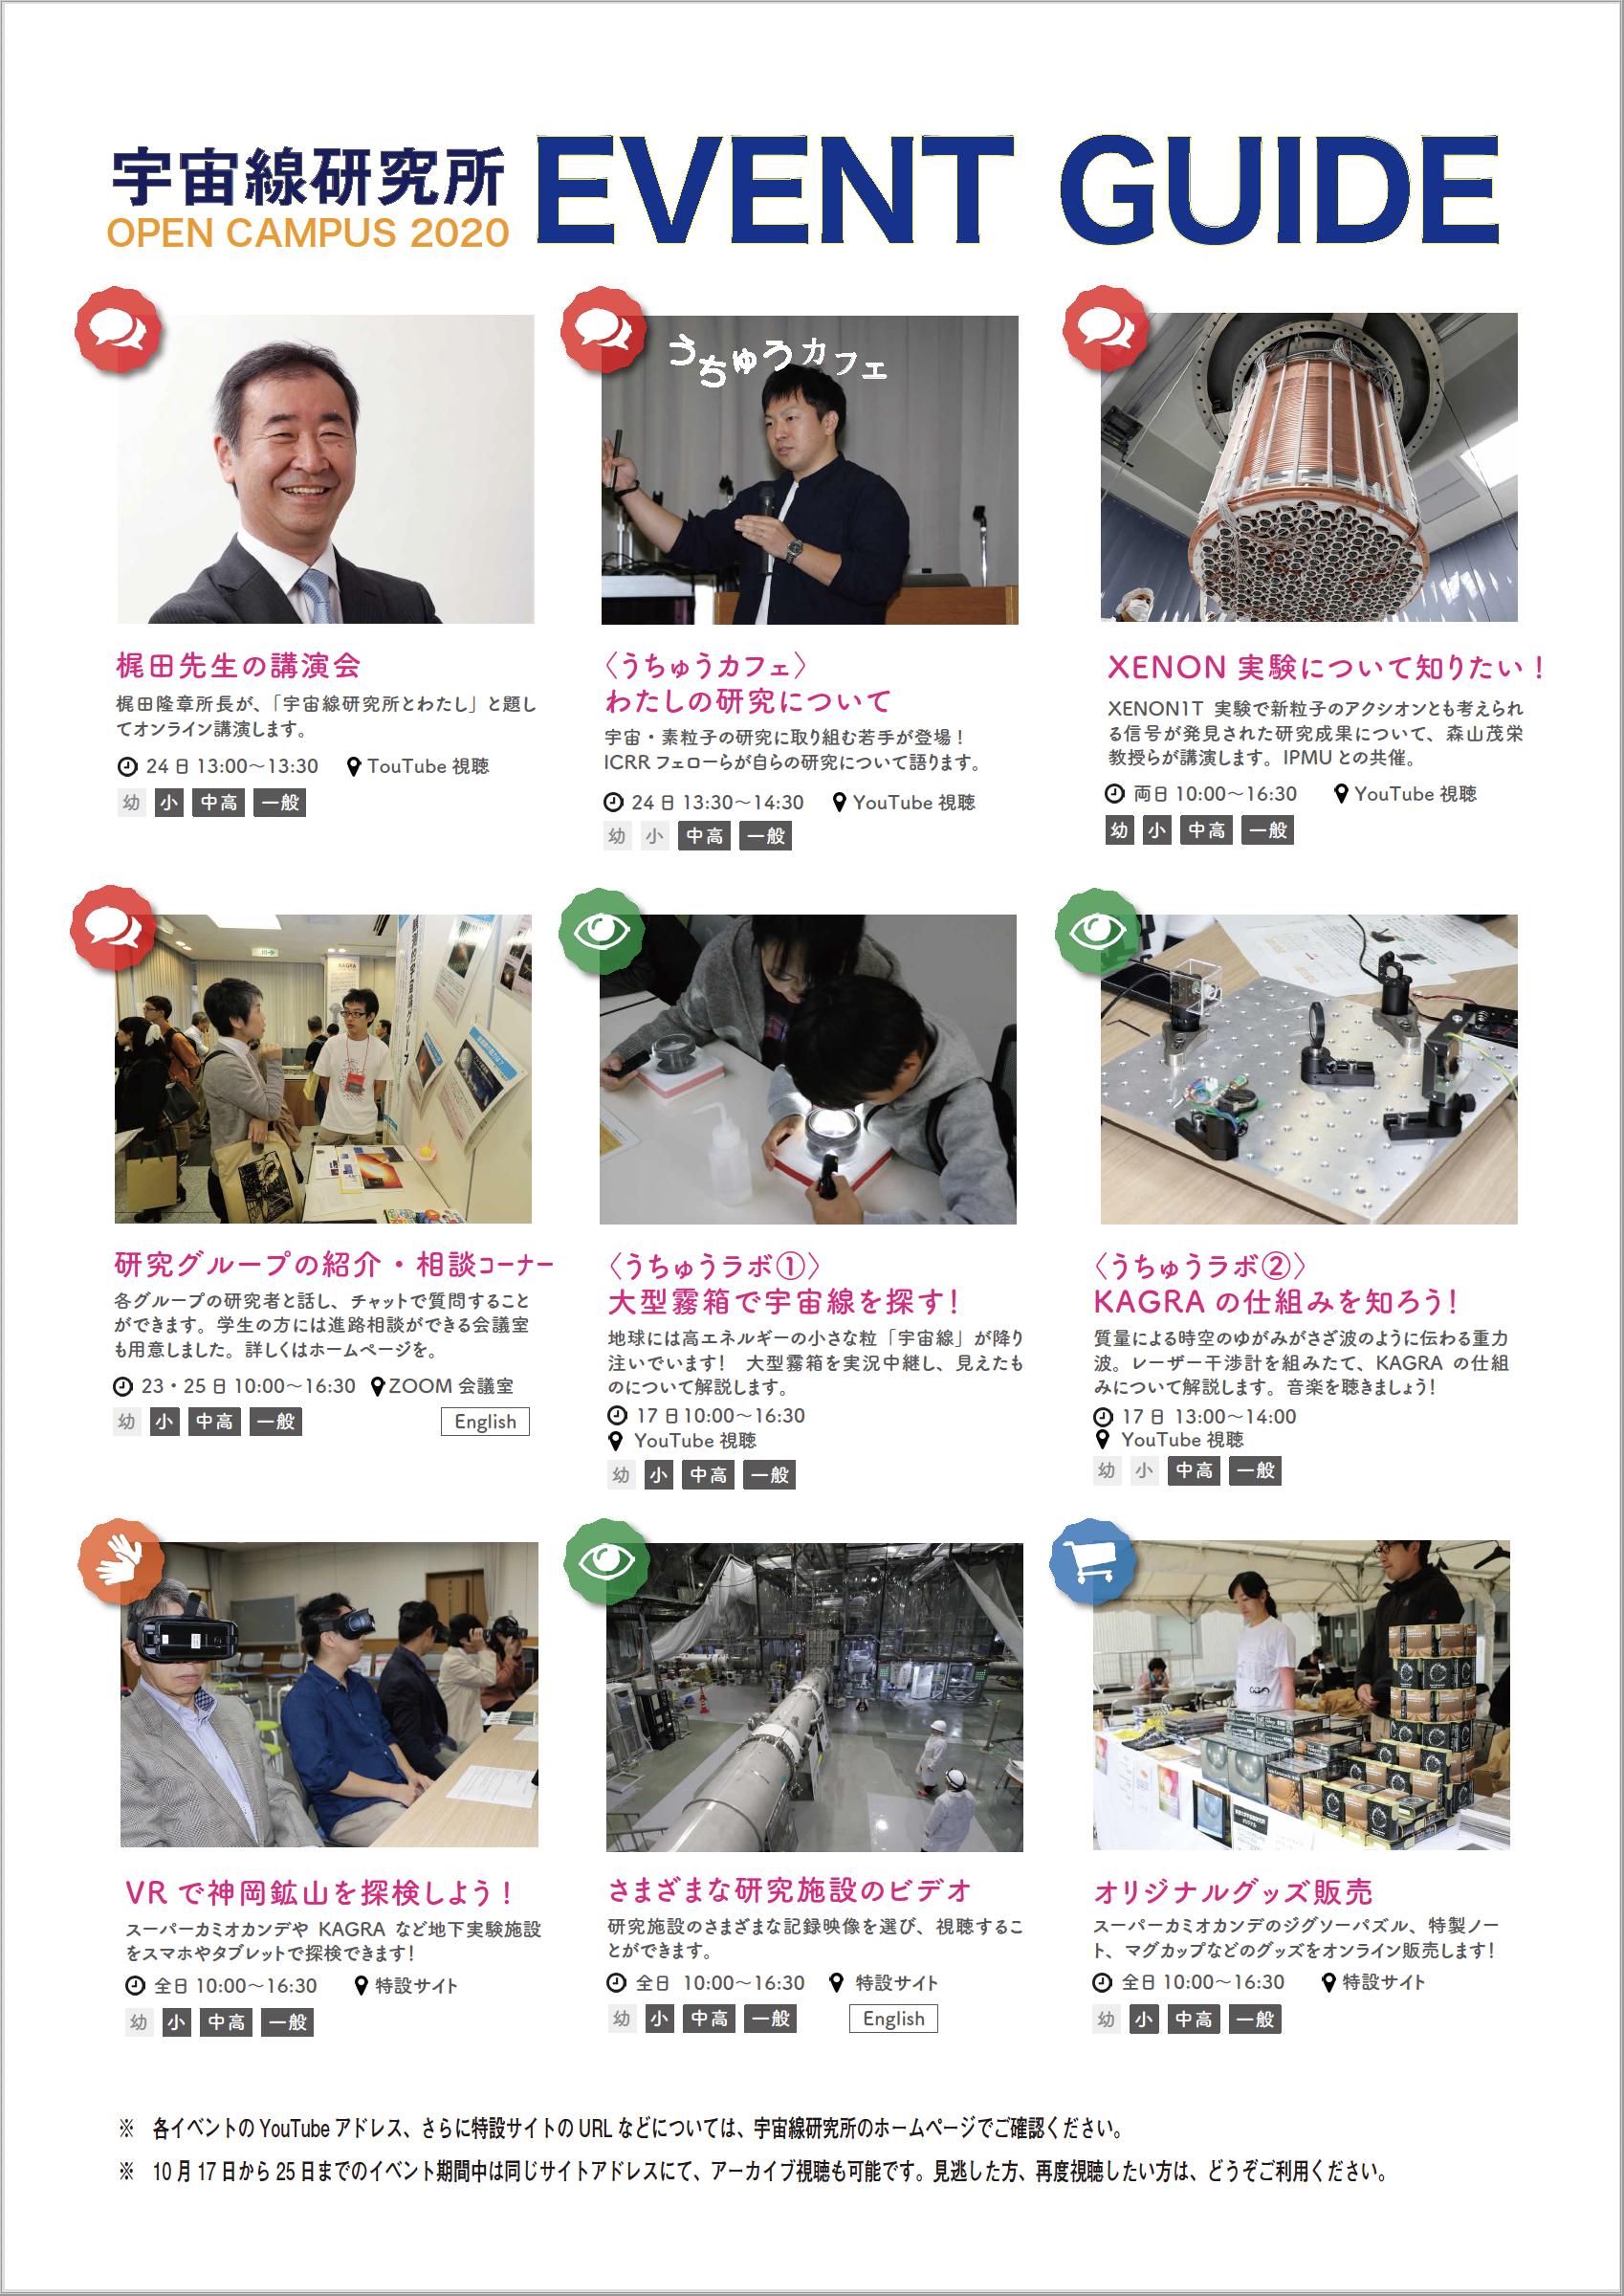 東京大学柏キャンパス オンライン一般公開2020<br>宇宙と素粒子の謎に挑む!